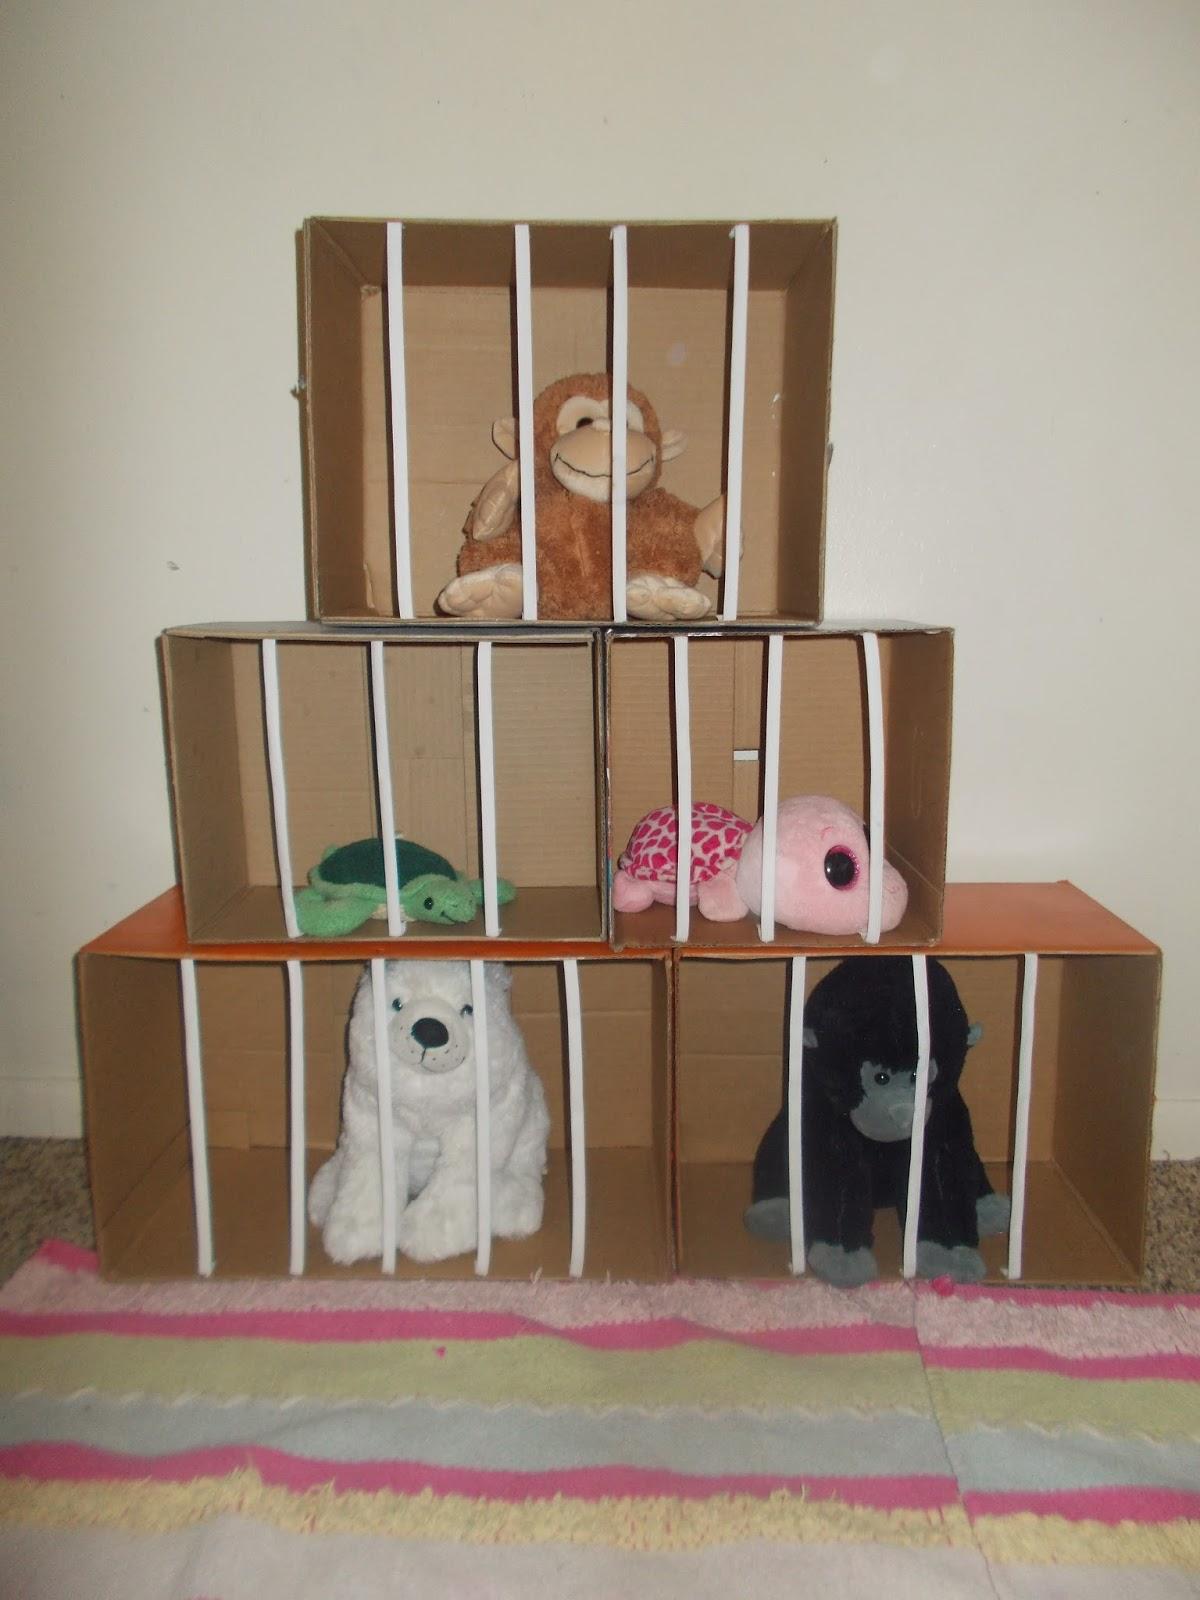 Chipman S Corner Preschool Z Is For Zoo